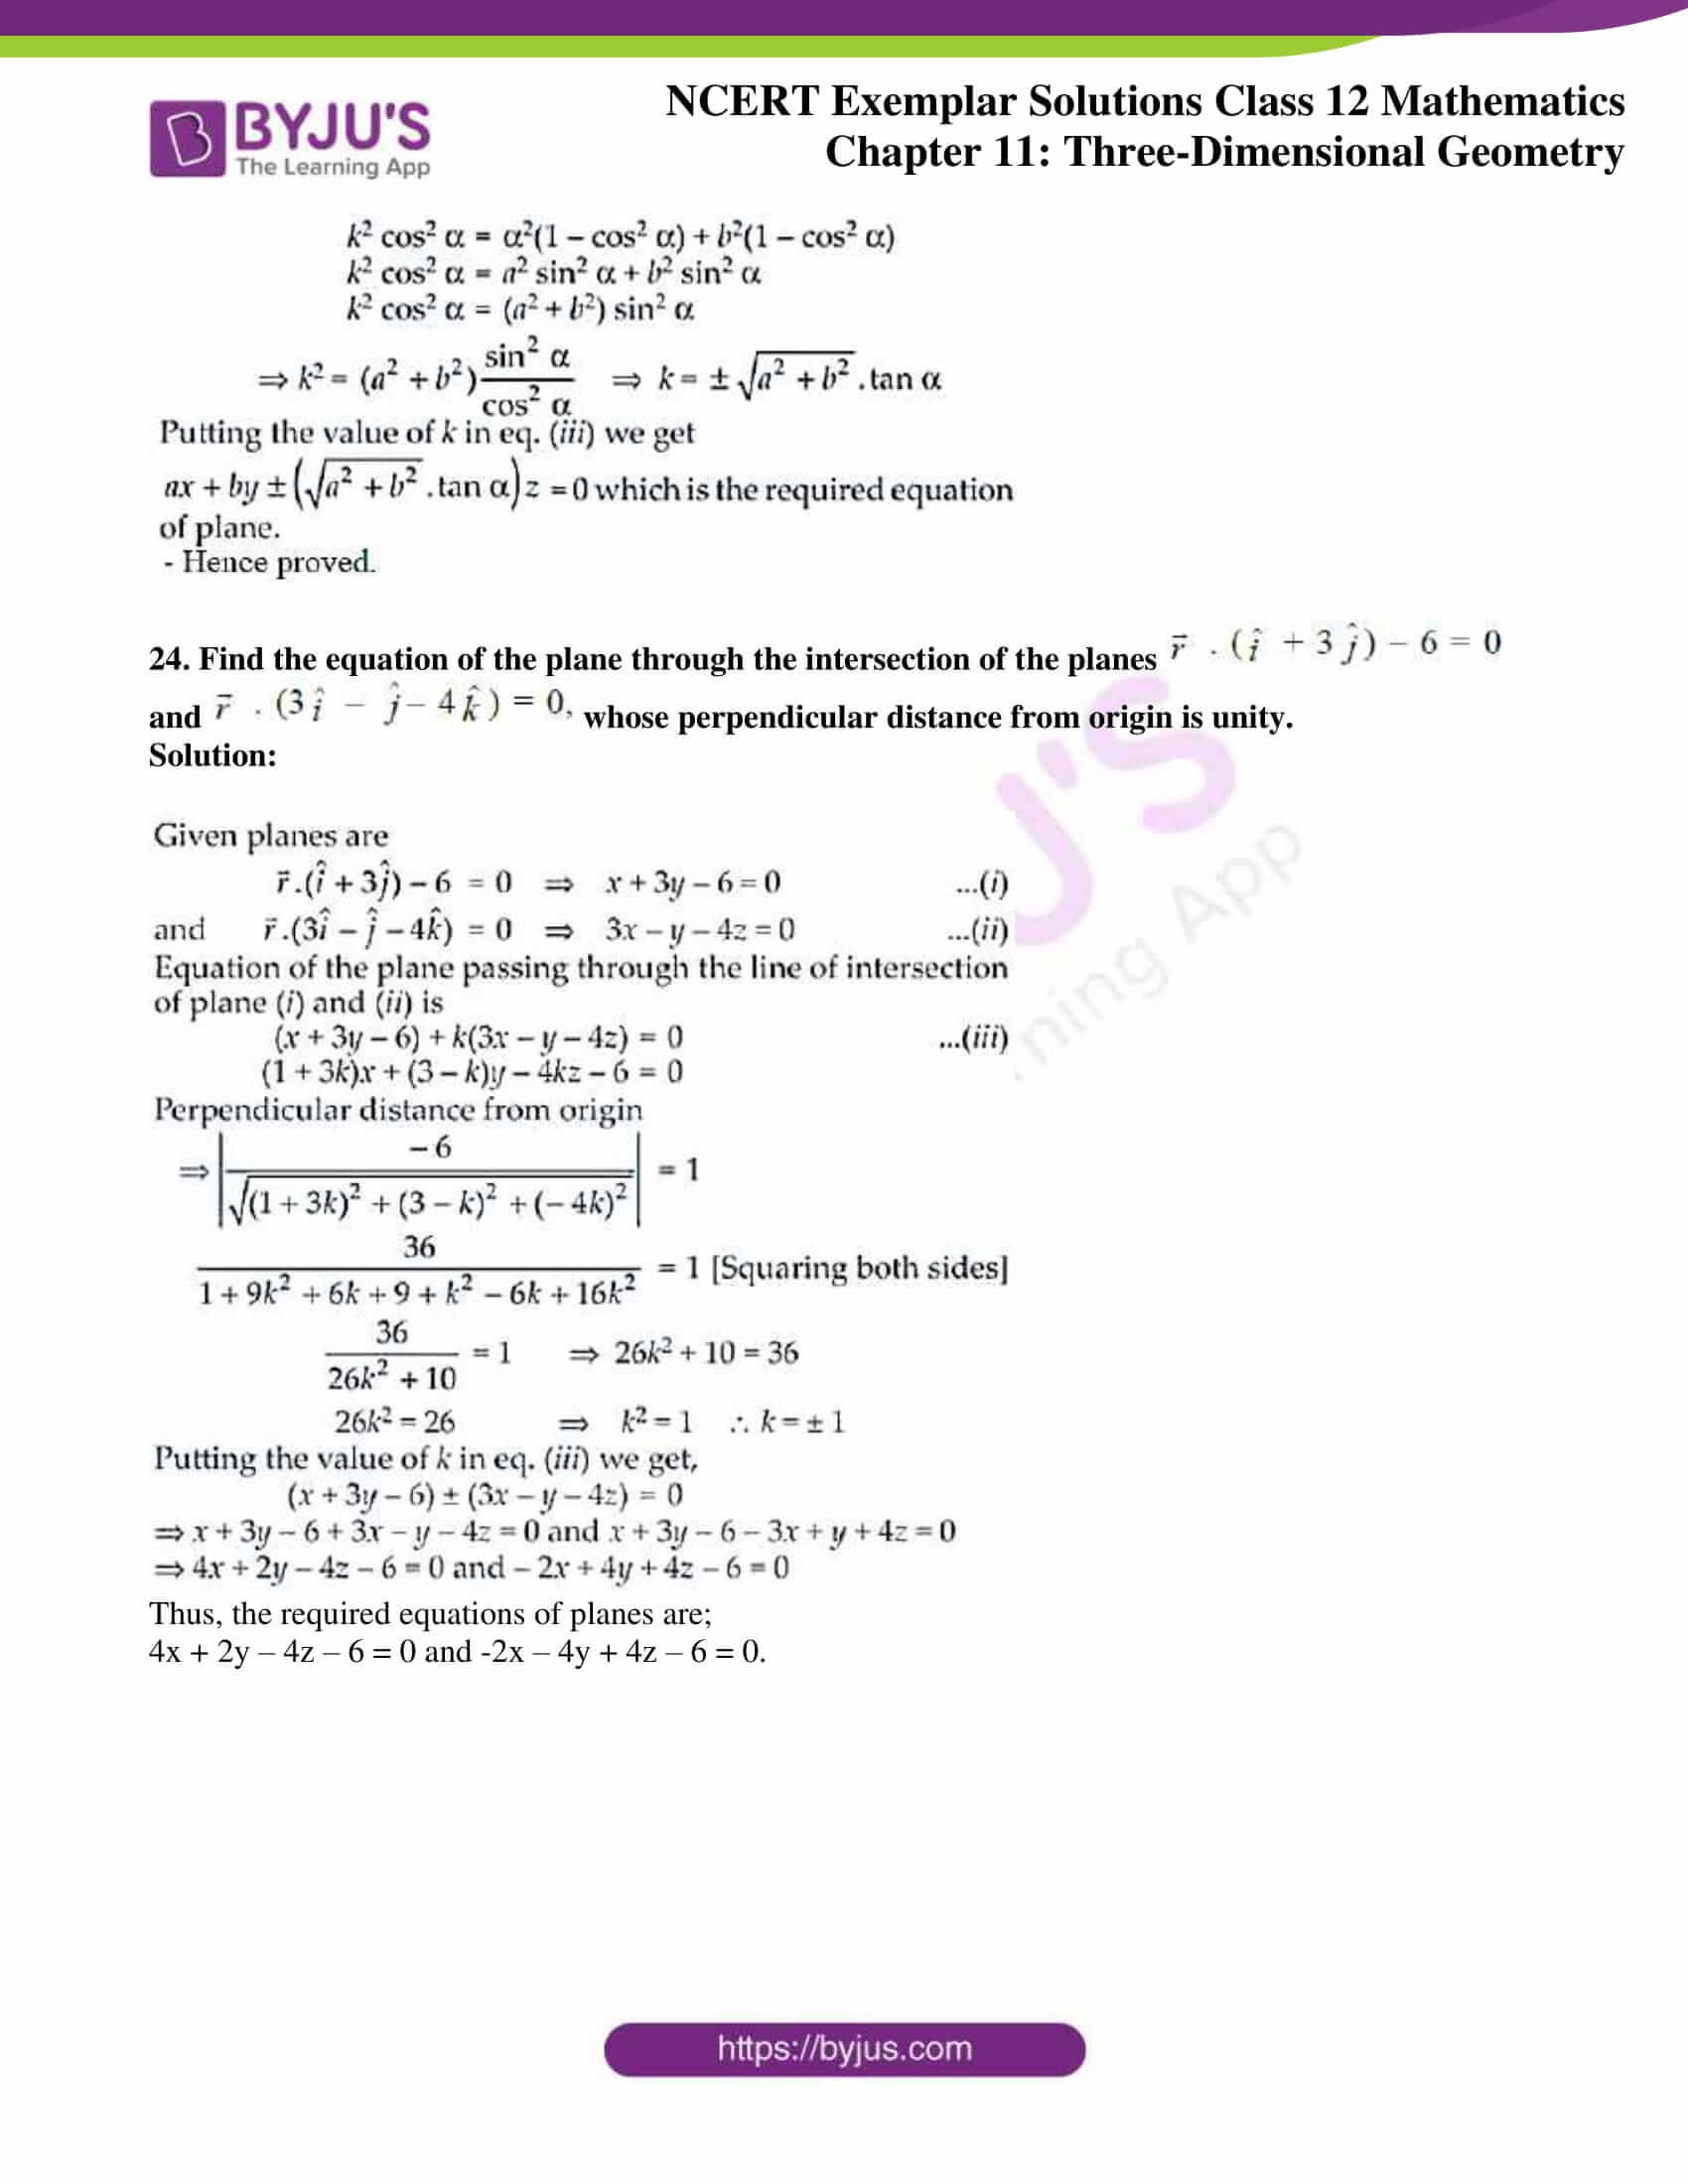 ncert exemplar sol class 12 mathematics ch 11 14